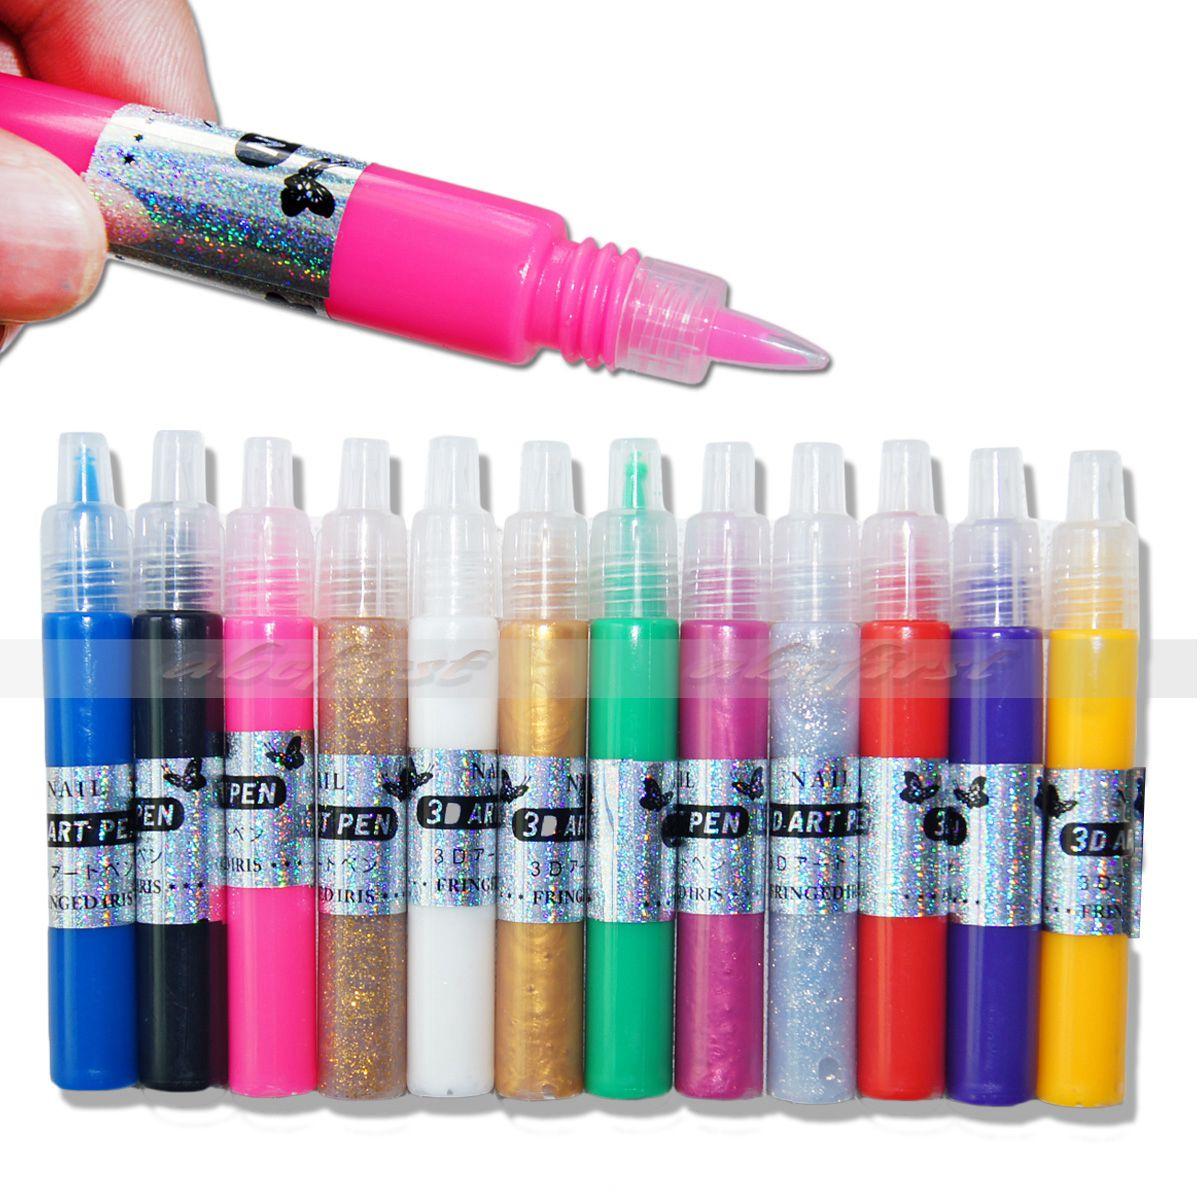 12 Colors Nail Art Polish 3D Paint Pen UV Gel Acrylic